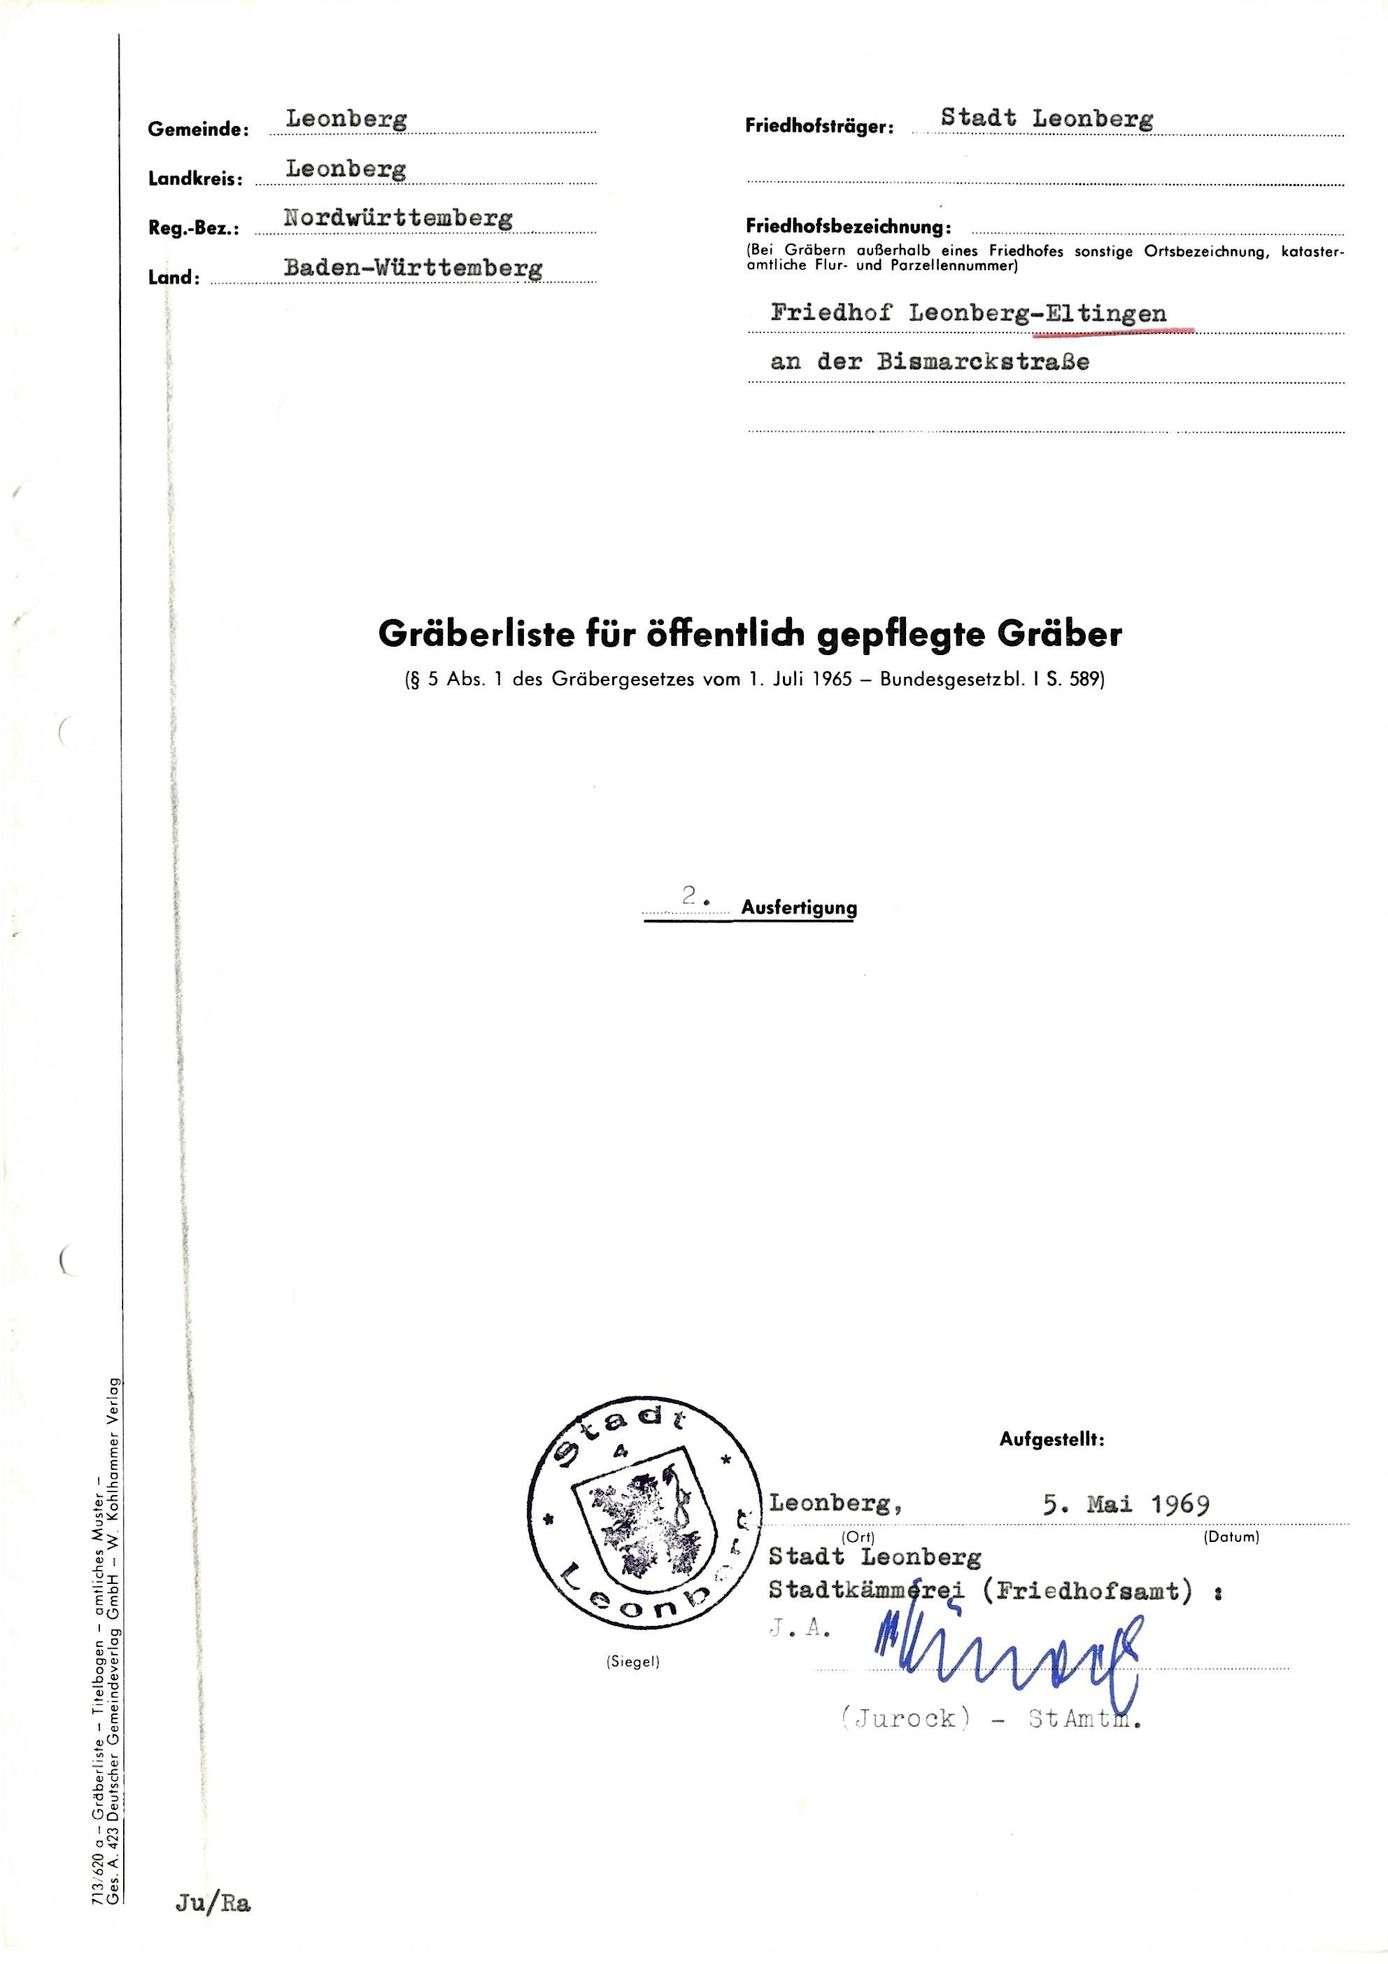 Eltingen, Bild 1